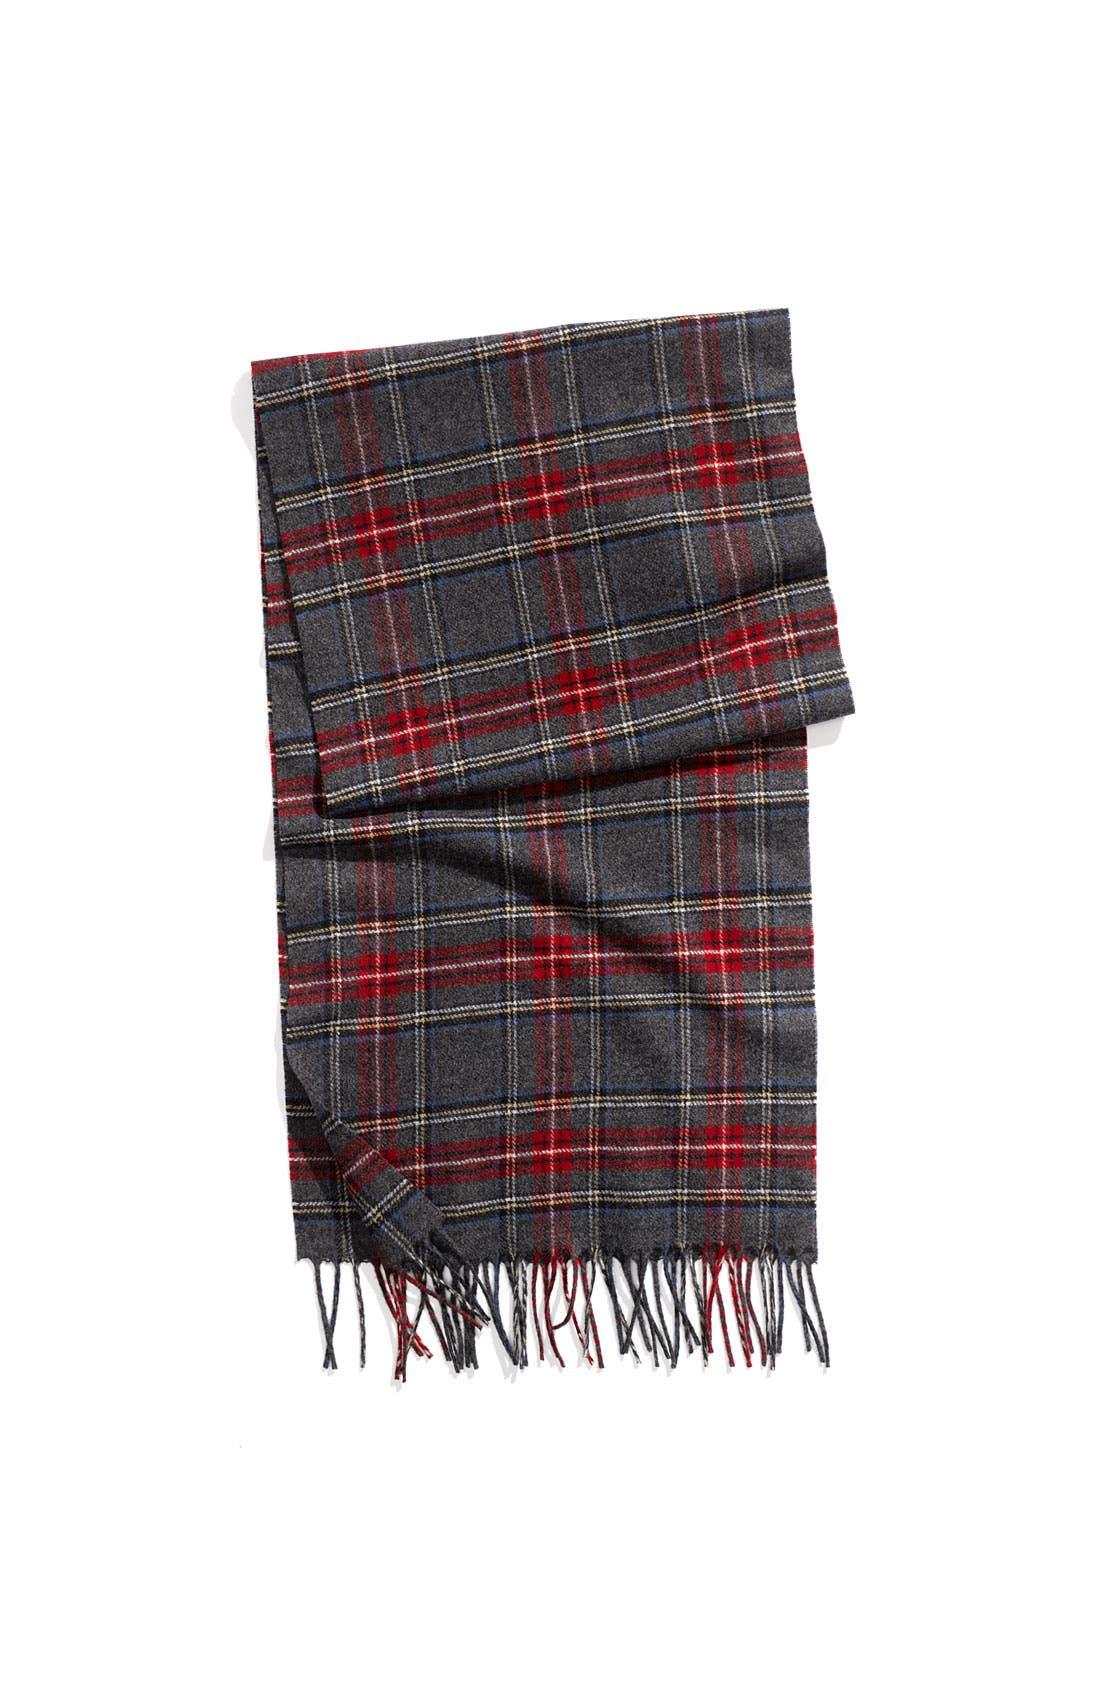 Alternate Image 1 Selected - Pendleton 'Whisper' Wool Scarf